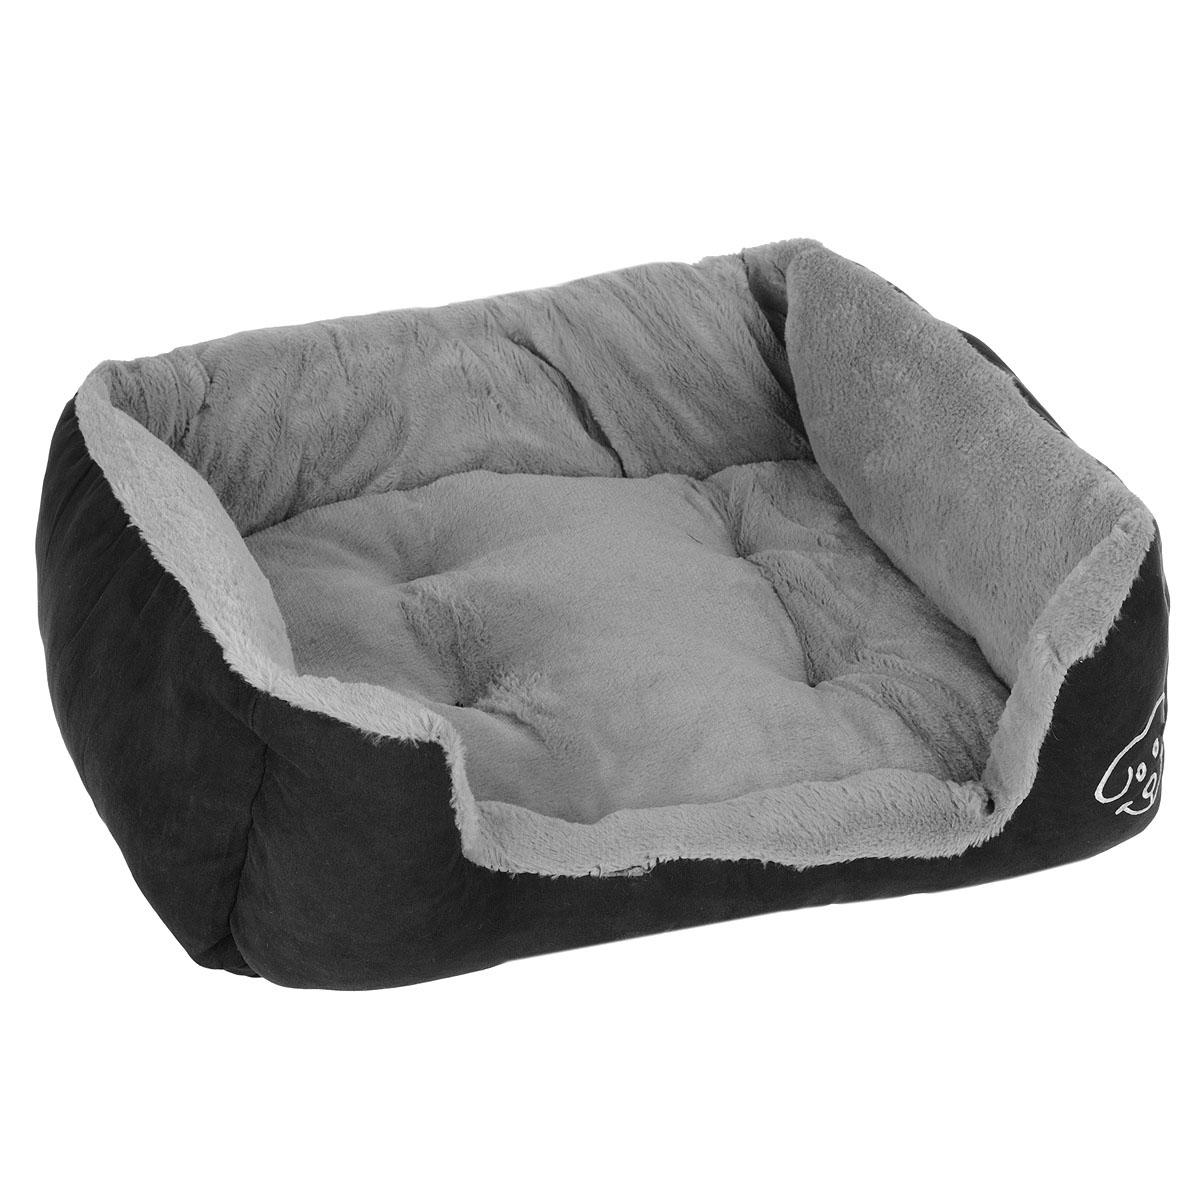 Лежак для собак I.P.T.S. Doomba, 55 см х 50 см х 20 см25964Лежак I.P.T.S. Doomba станет излюбленным местом отдыха вашего четвероногого друга. Даже самому своенравному питомцу понравится этот уютный мягкий уголок для сна. Лежак имеет форму диванчика с мягкими бортиками и выполнен в приятных черно-серых оттенках. Сочетание этих нейтральных цветов впишется в интерьер, и изделие будет одинаково хорошо смотреться как в гостиной, так и в другой комнате.Товар сертифицирован.